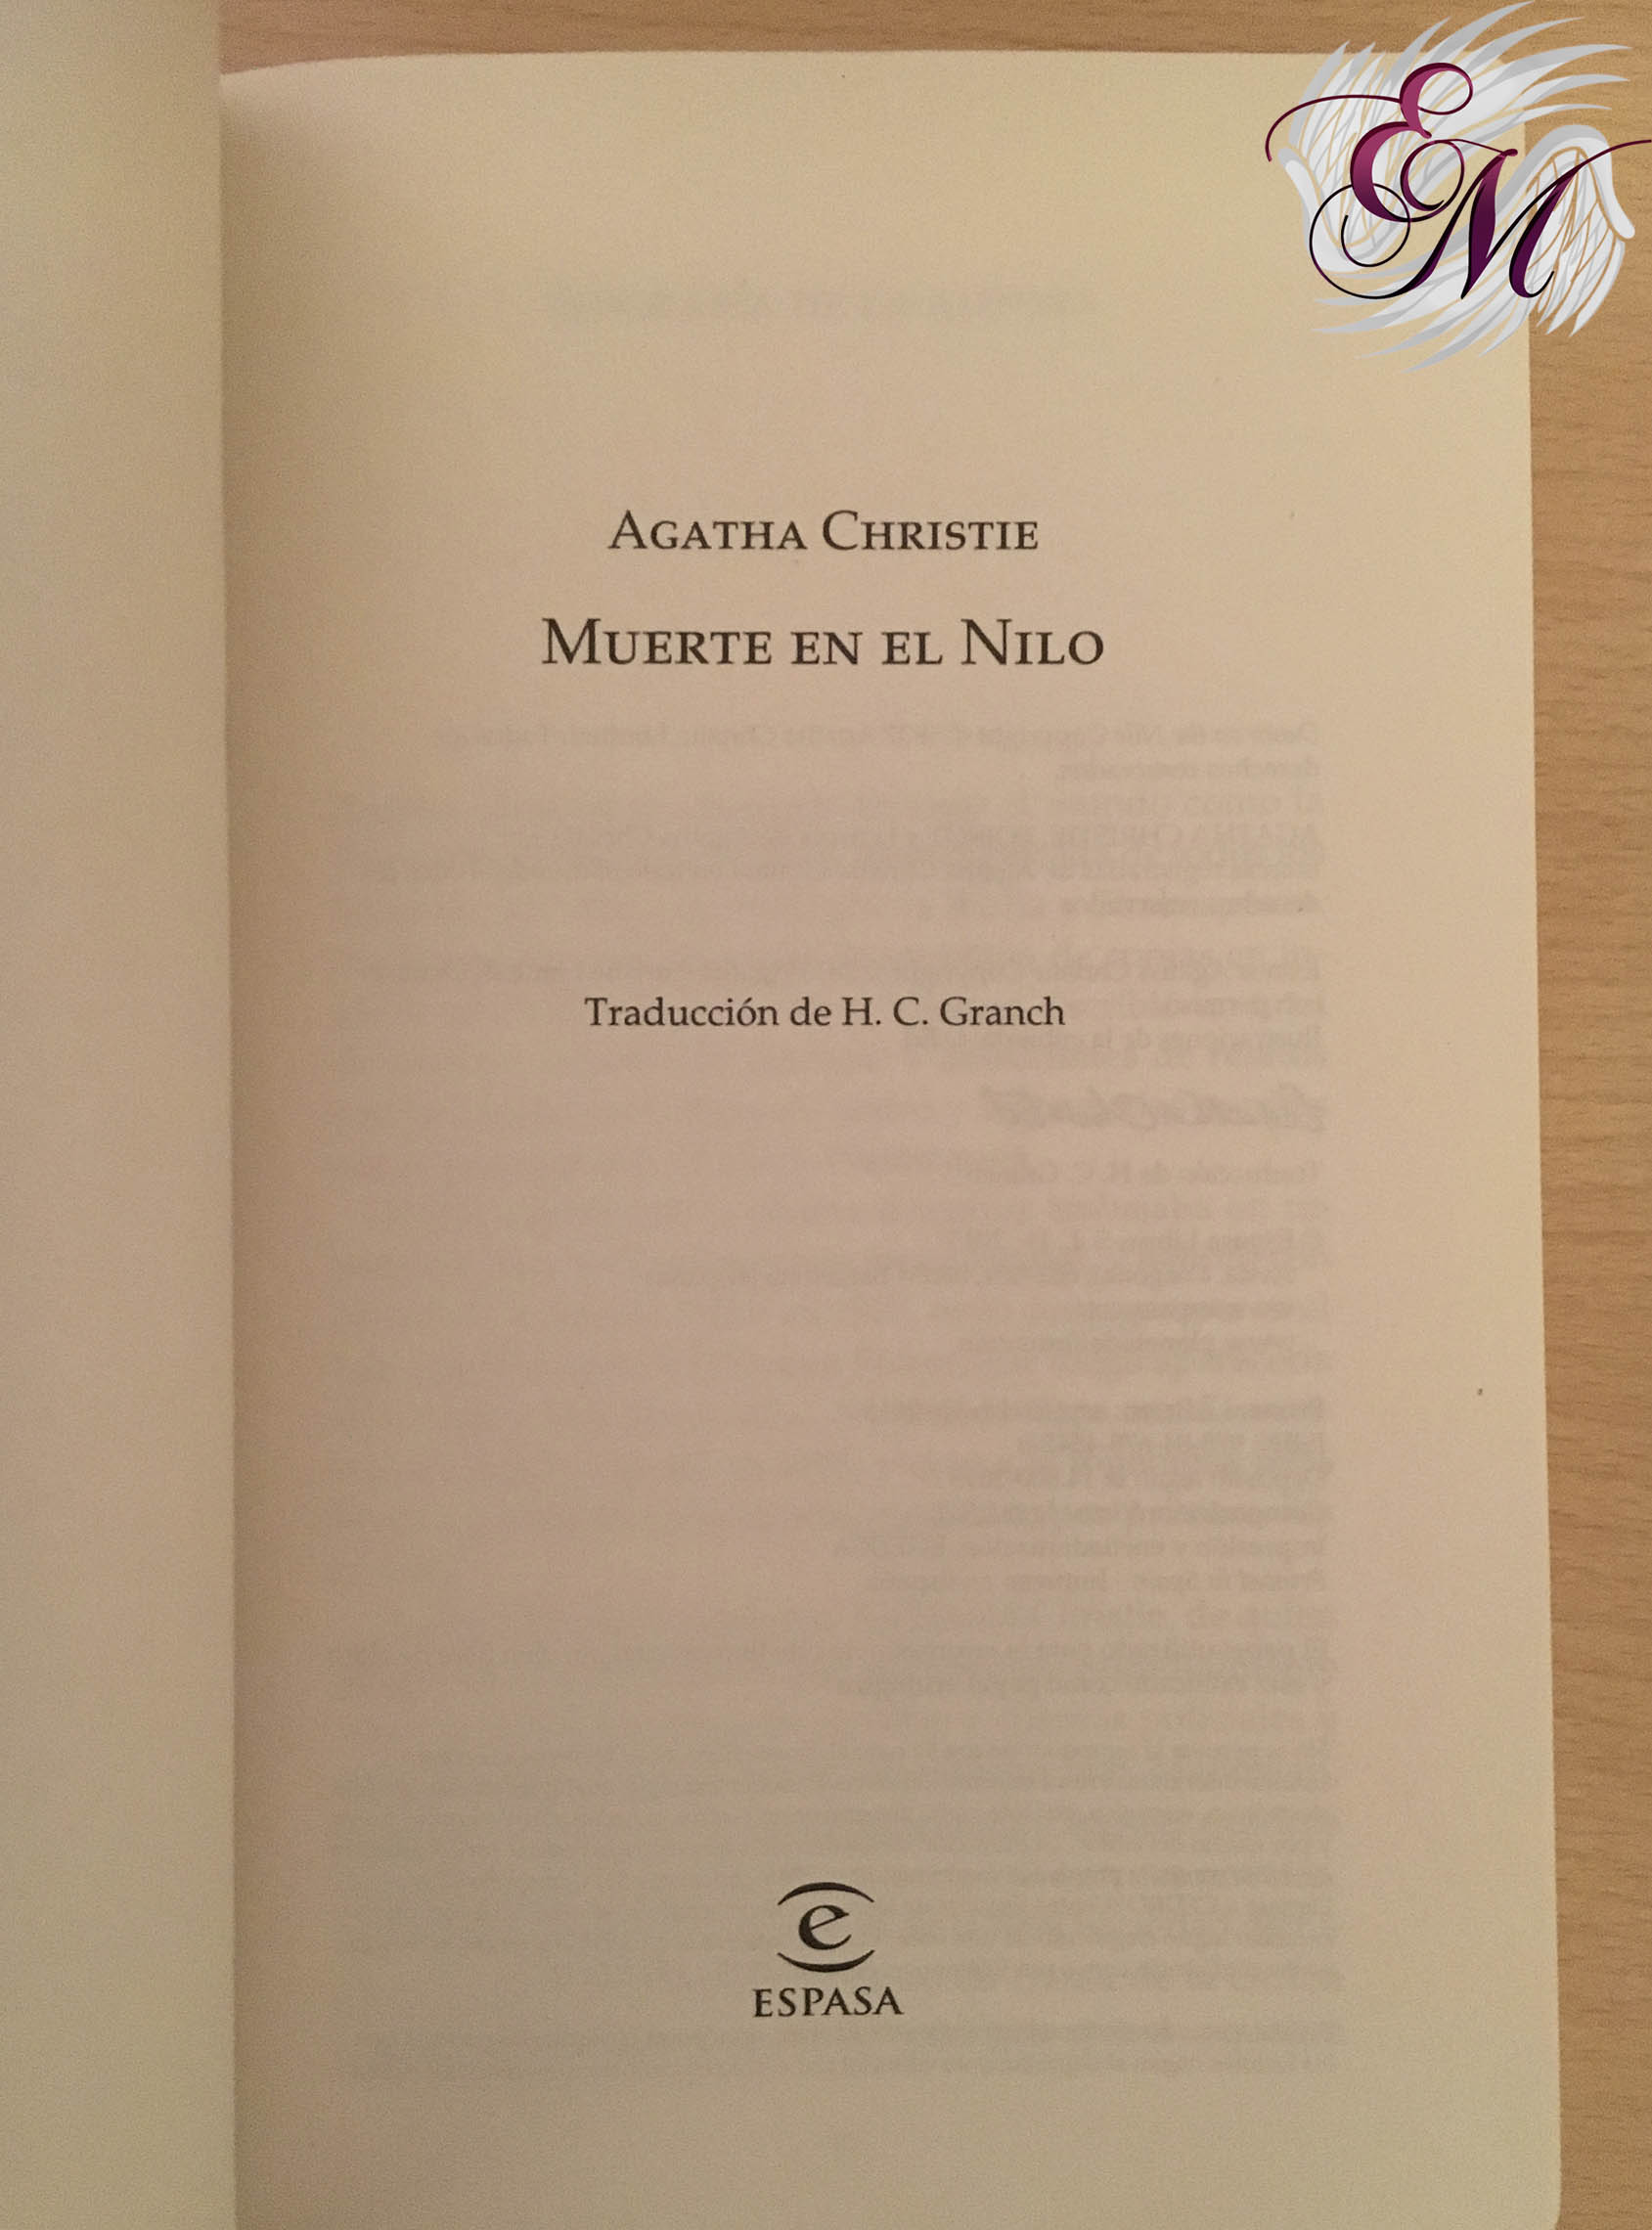 Muerte en el Nilo, de Agatha Christie - Reseña